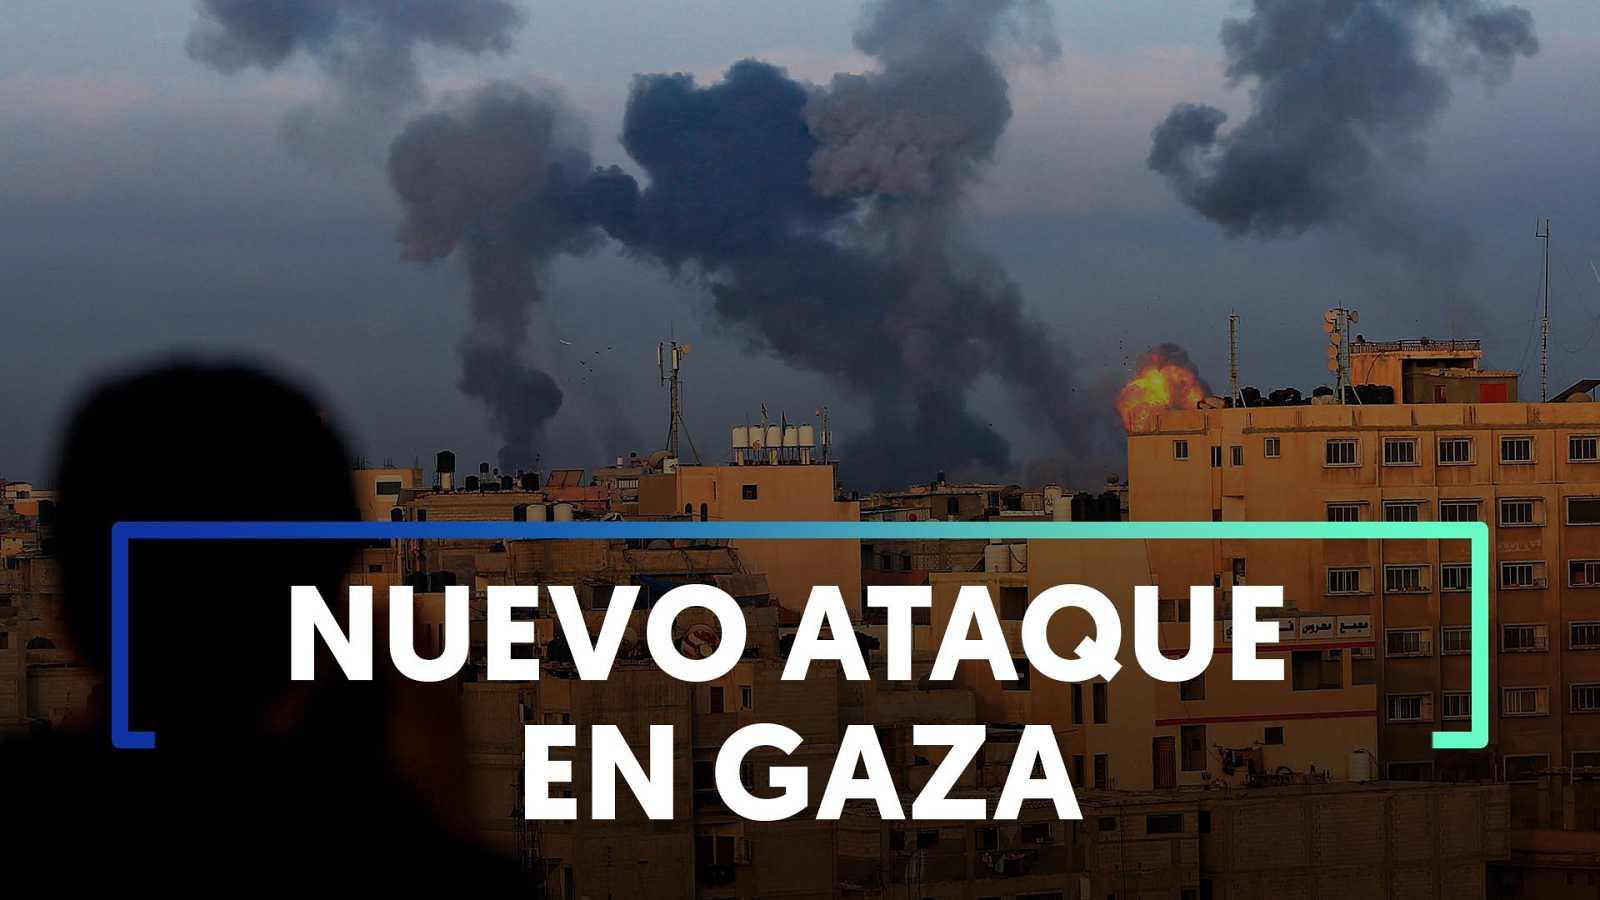 El conflicto entre Israel y gaza deja al menos 26 palestinos muertos